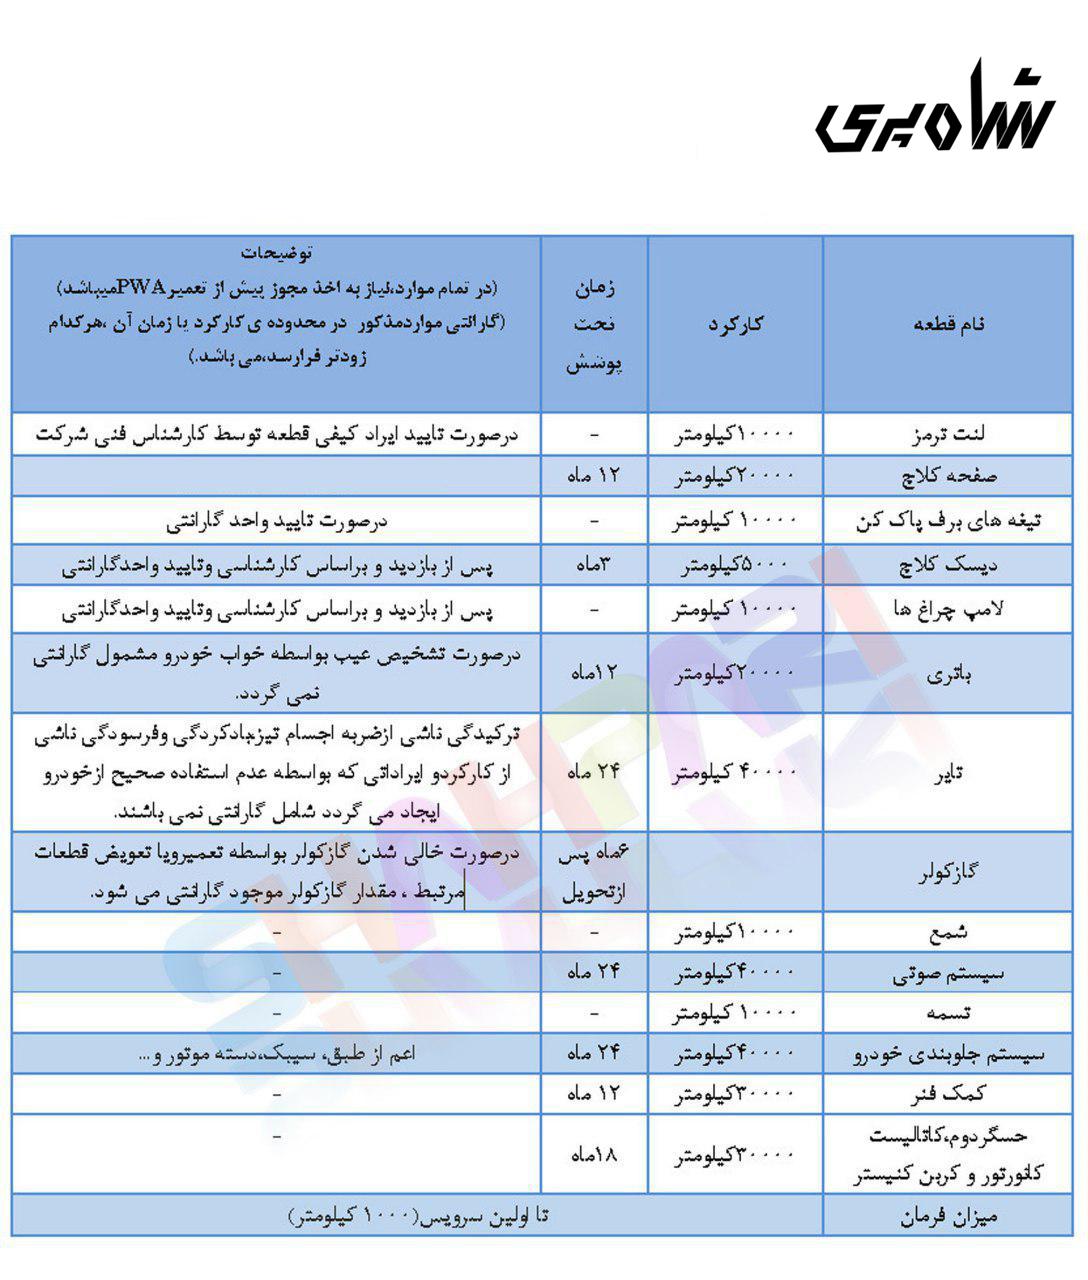 گارانتی رنو در تهران